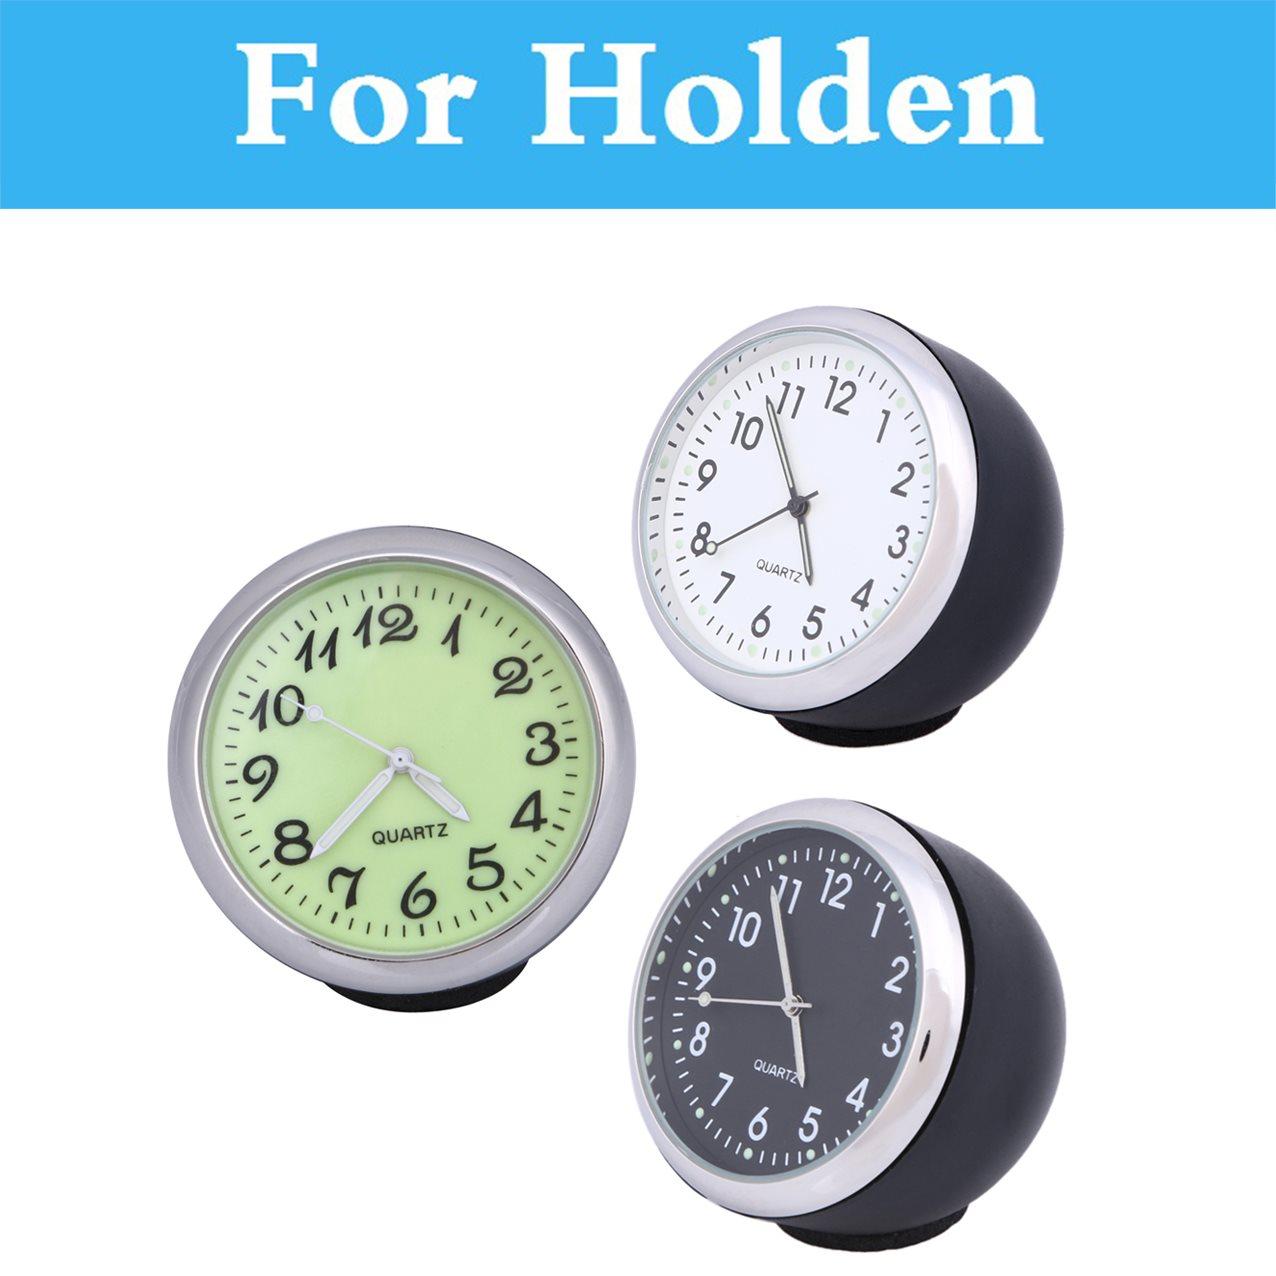 Автомехаников кварцевые часы мини часы цифровой указатель для Holden Commodore Cruze Monaro Государственный barina Кале Caprice